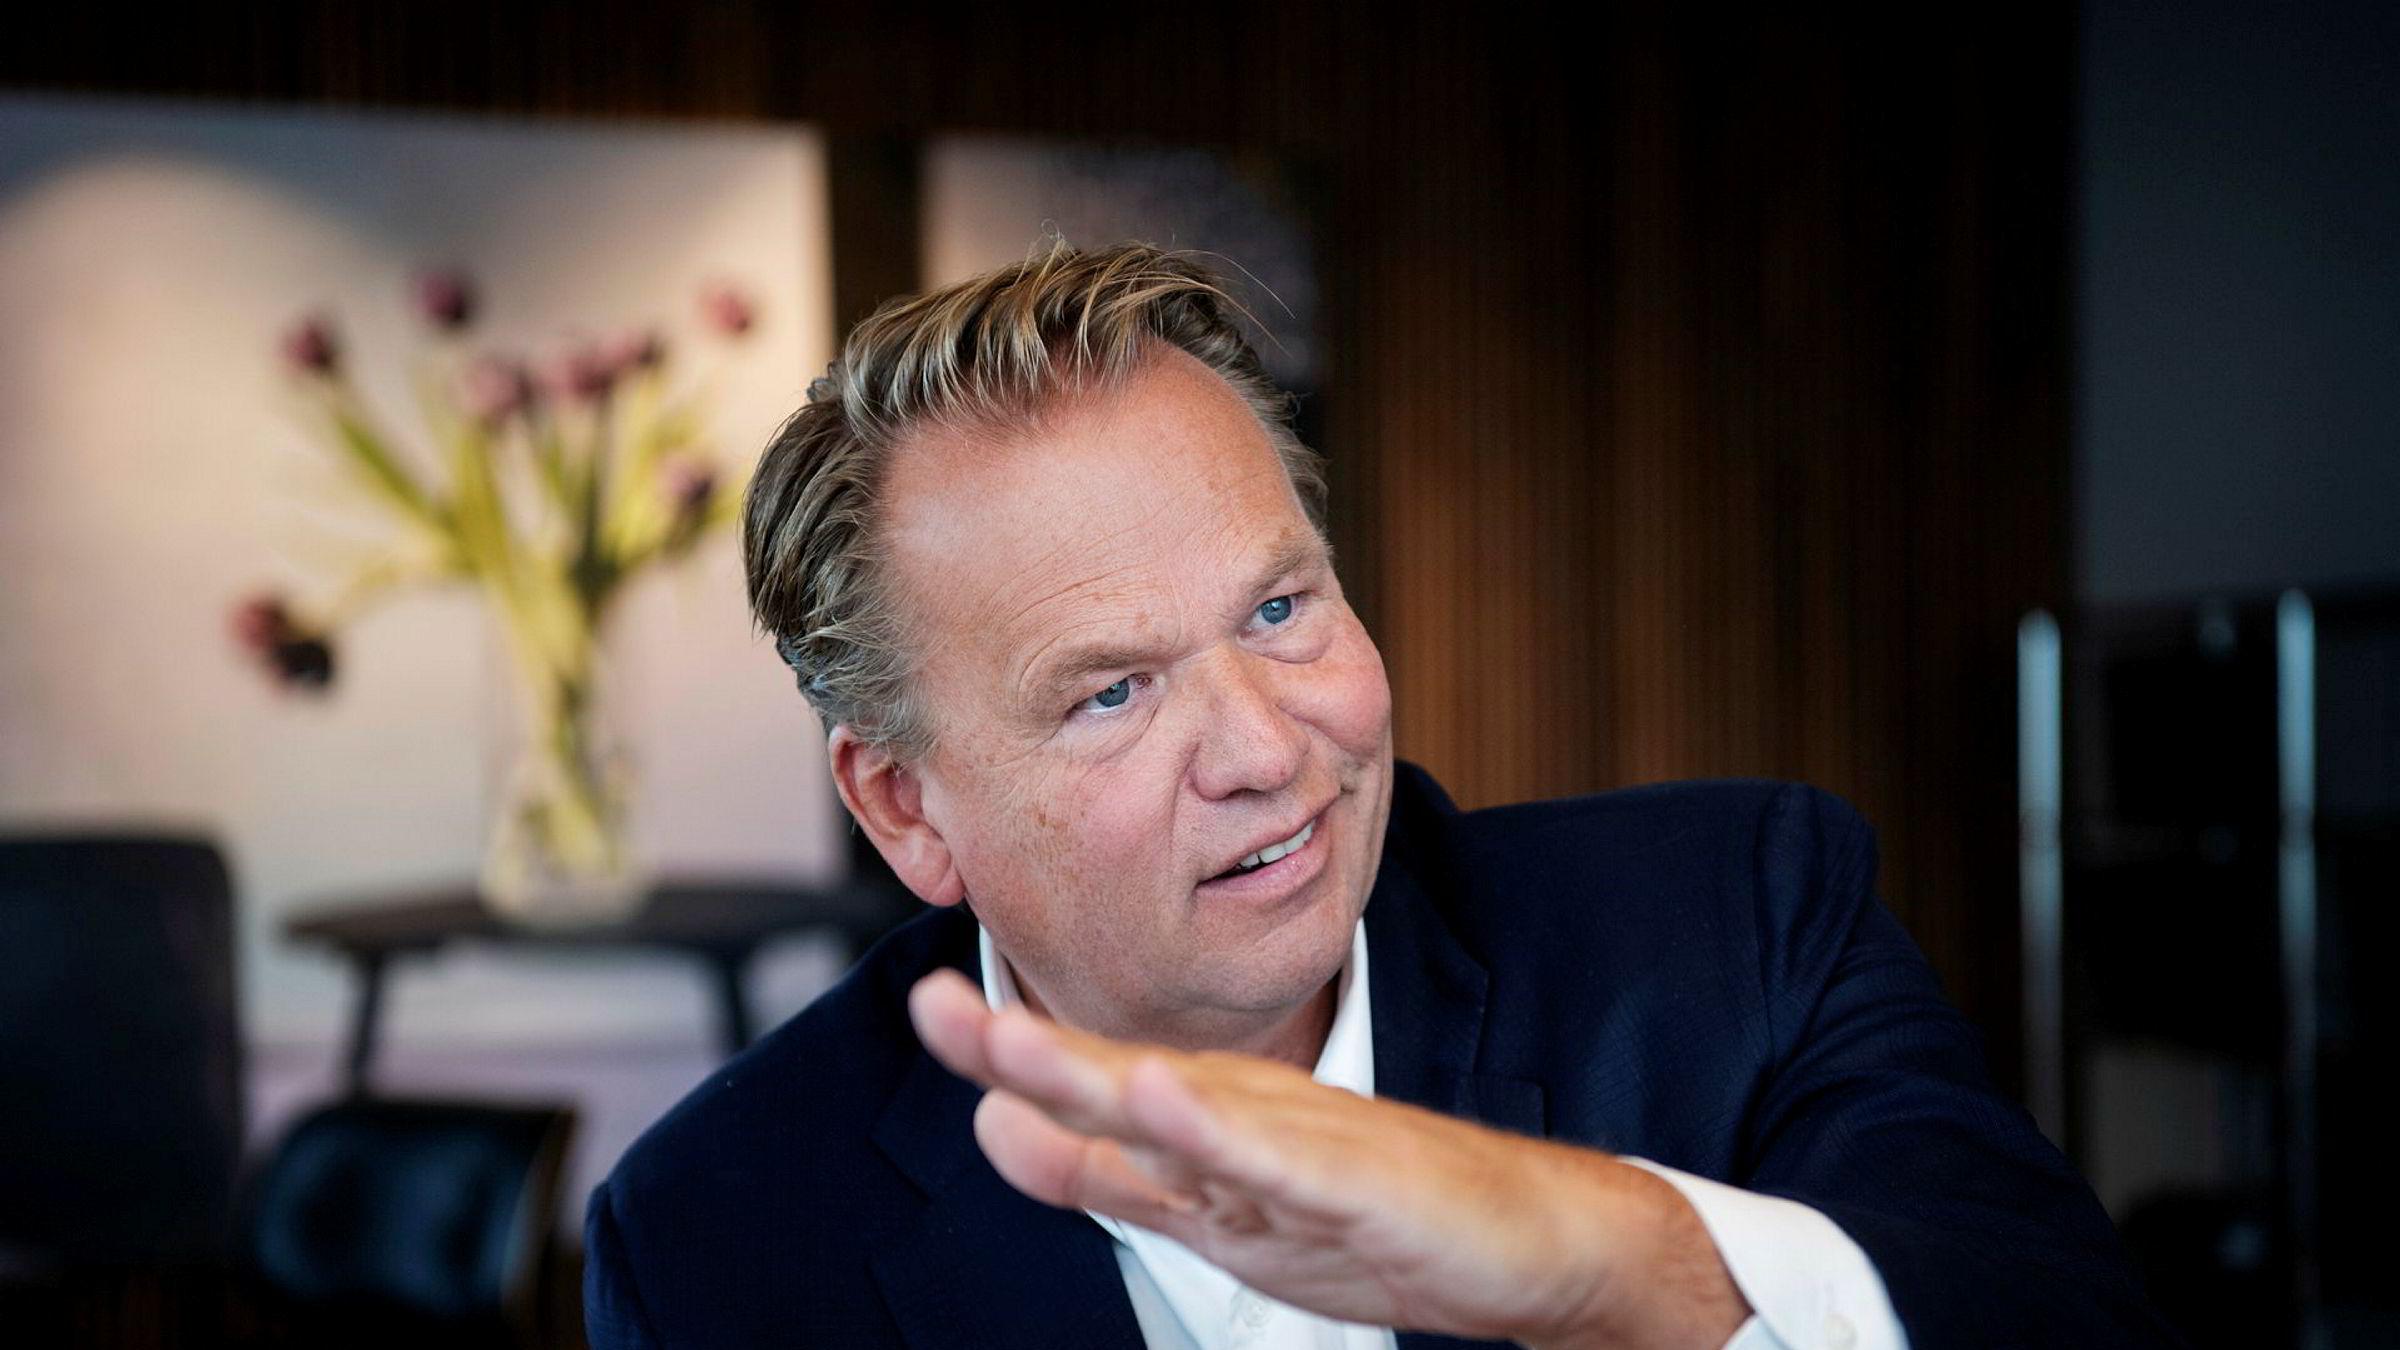 Hitecvision, ledet av Ole Ertvaag, fant ingen kjøpere til 12 veltrimmede oljeserviceselskaper, og måtte gi opp.